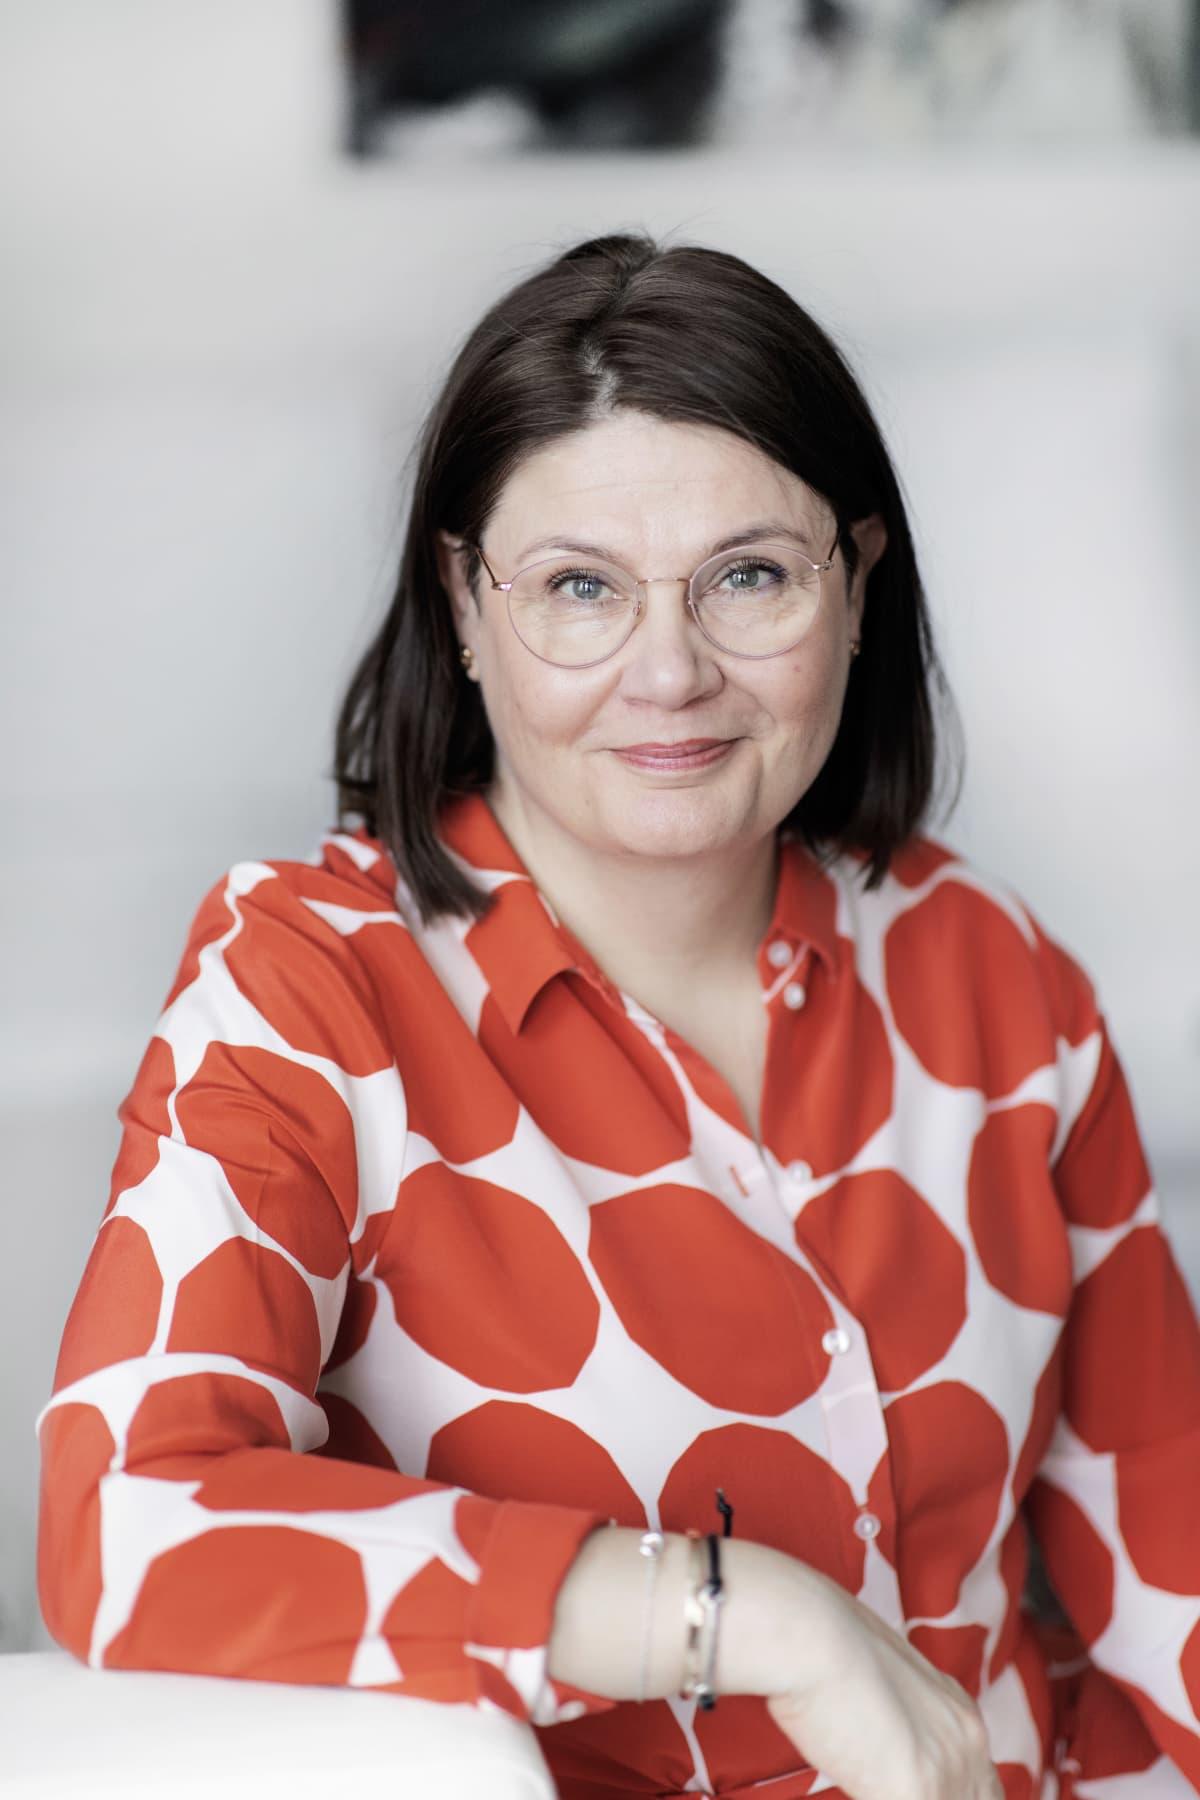 Muistiliiton toiminnanjohtaja Katariina Suomu.